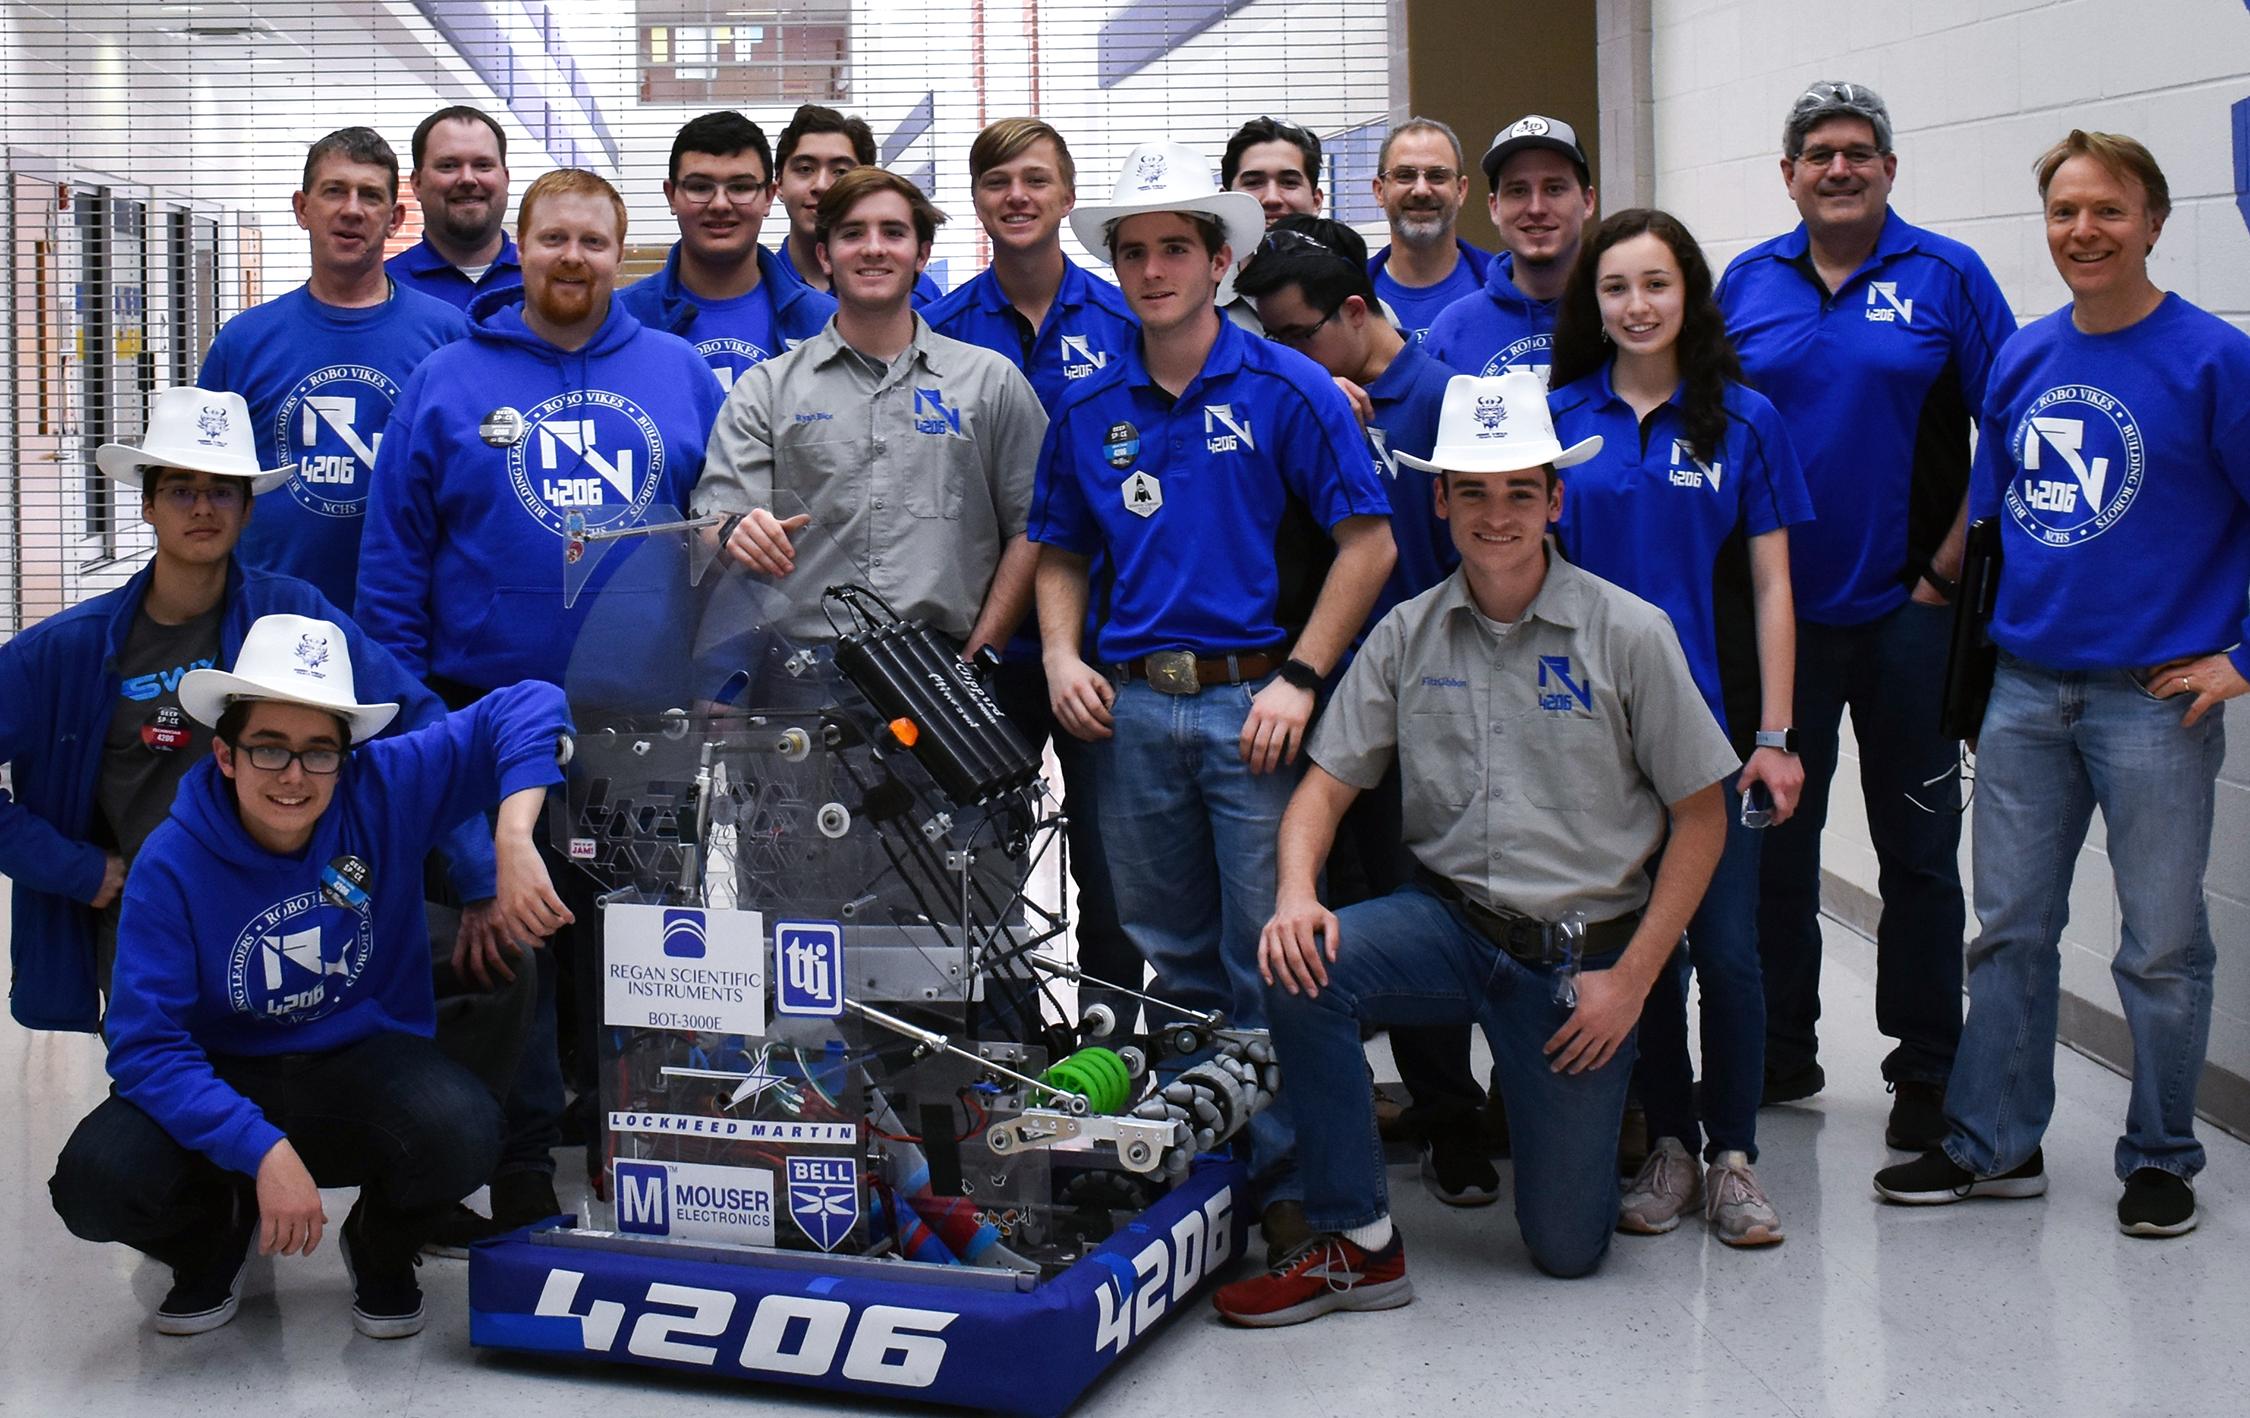 """RoboVikes Team 4206 - Success at """"FIRST Robotics"""" contest"""